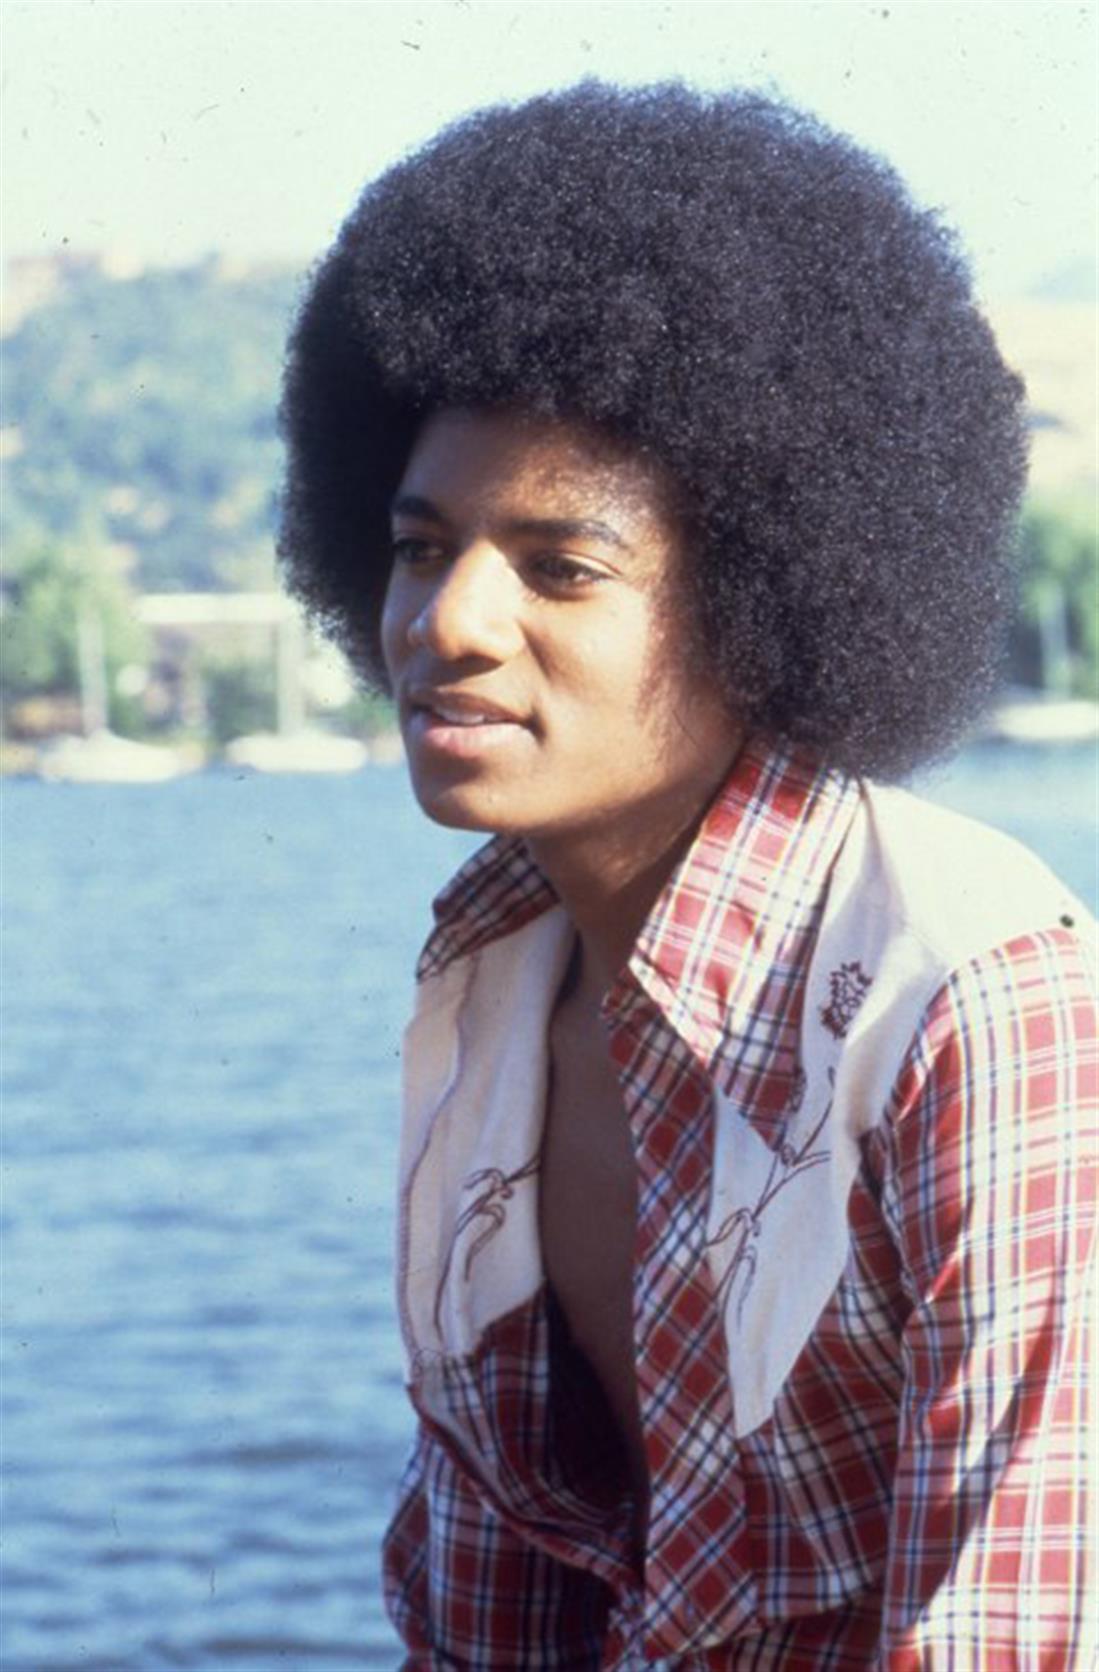 Μάικλ Τζάκσον - αδημοσίευτες φωτογραφίες